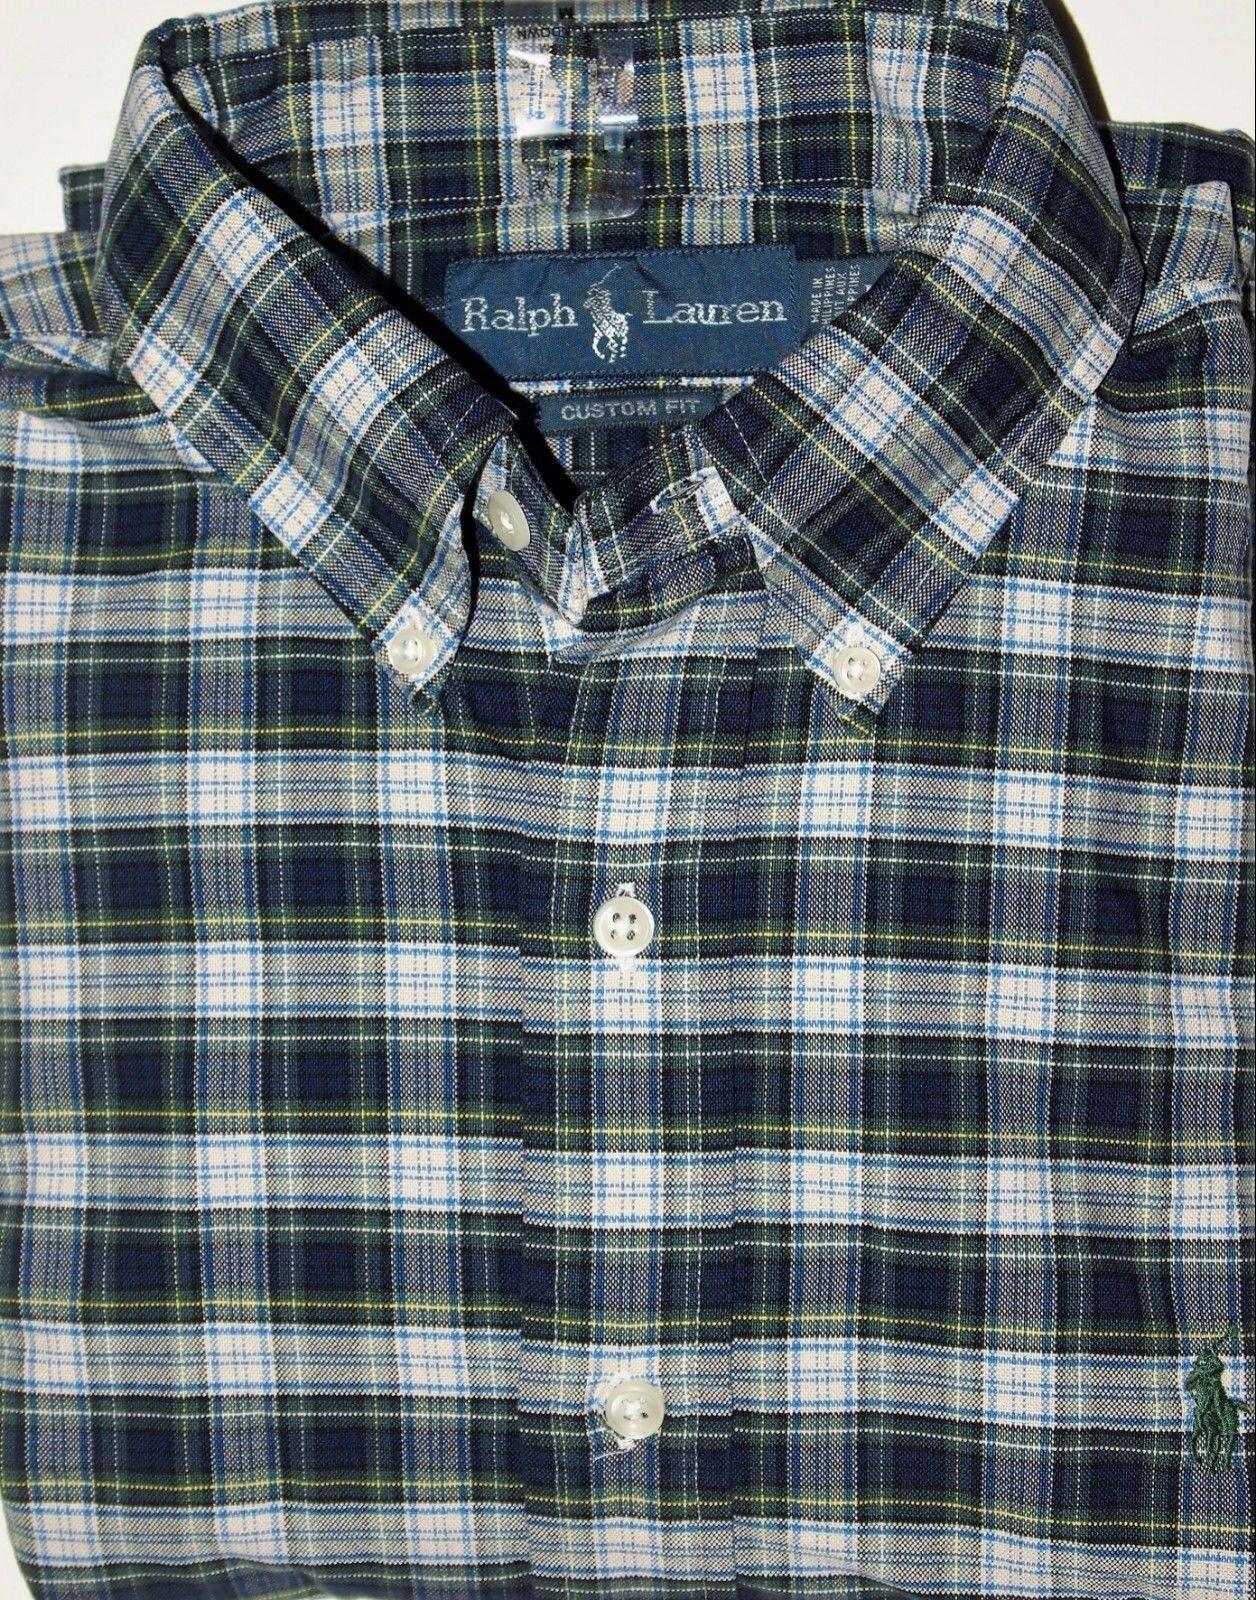 Ralph Lauren men's plaid shirt size medium